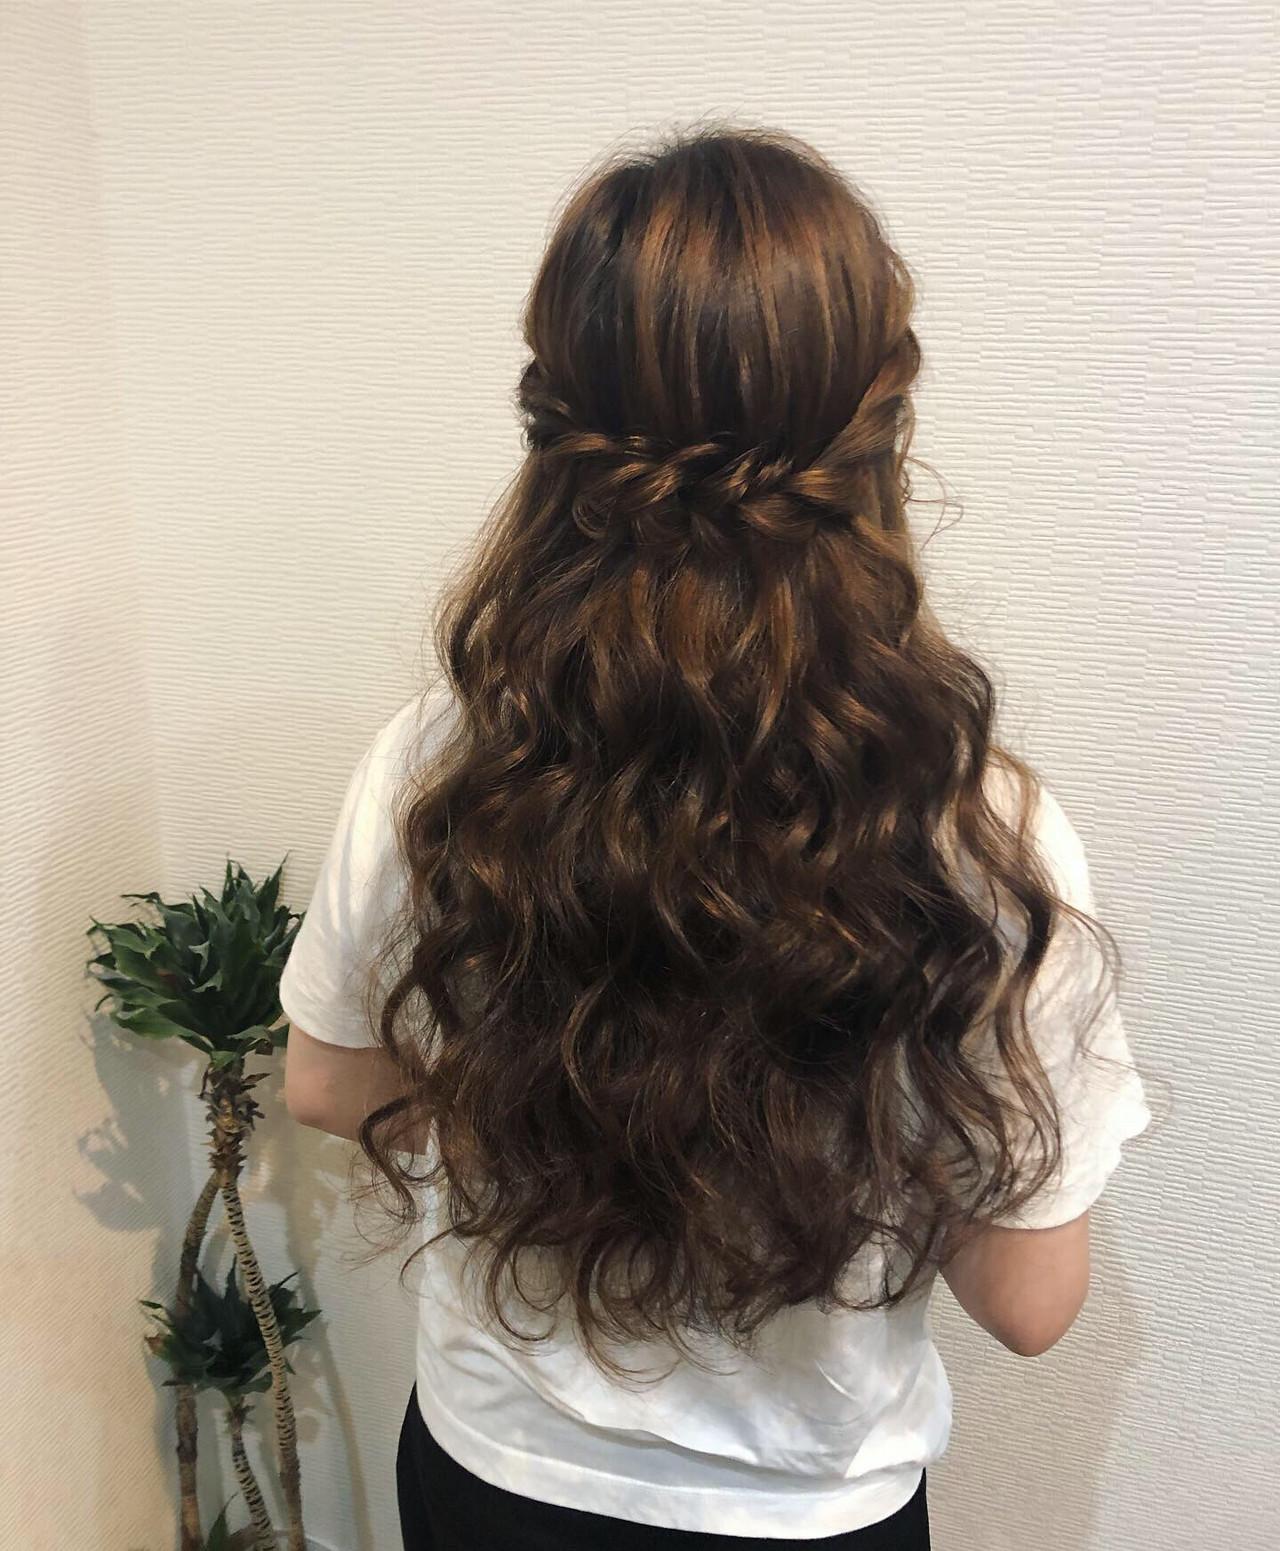 フェミニン ねじり ヘアアレンジ ロング ヘアスタイルや髪型の写真・画像